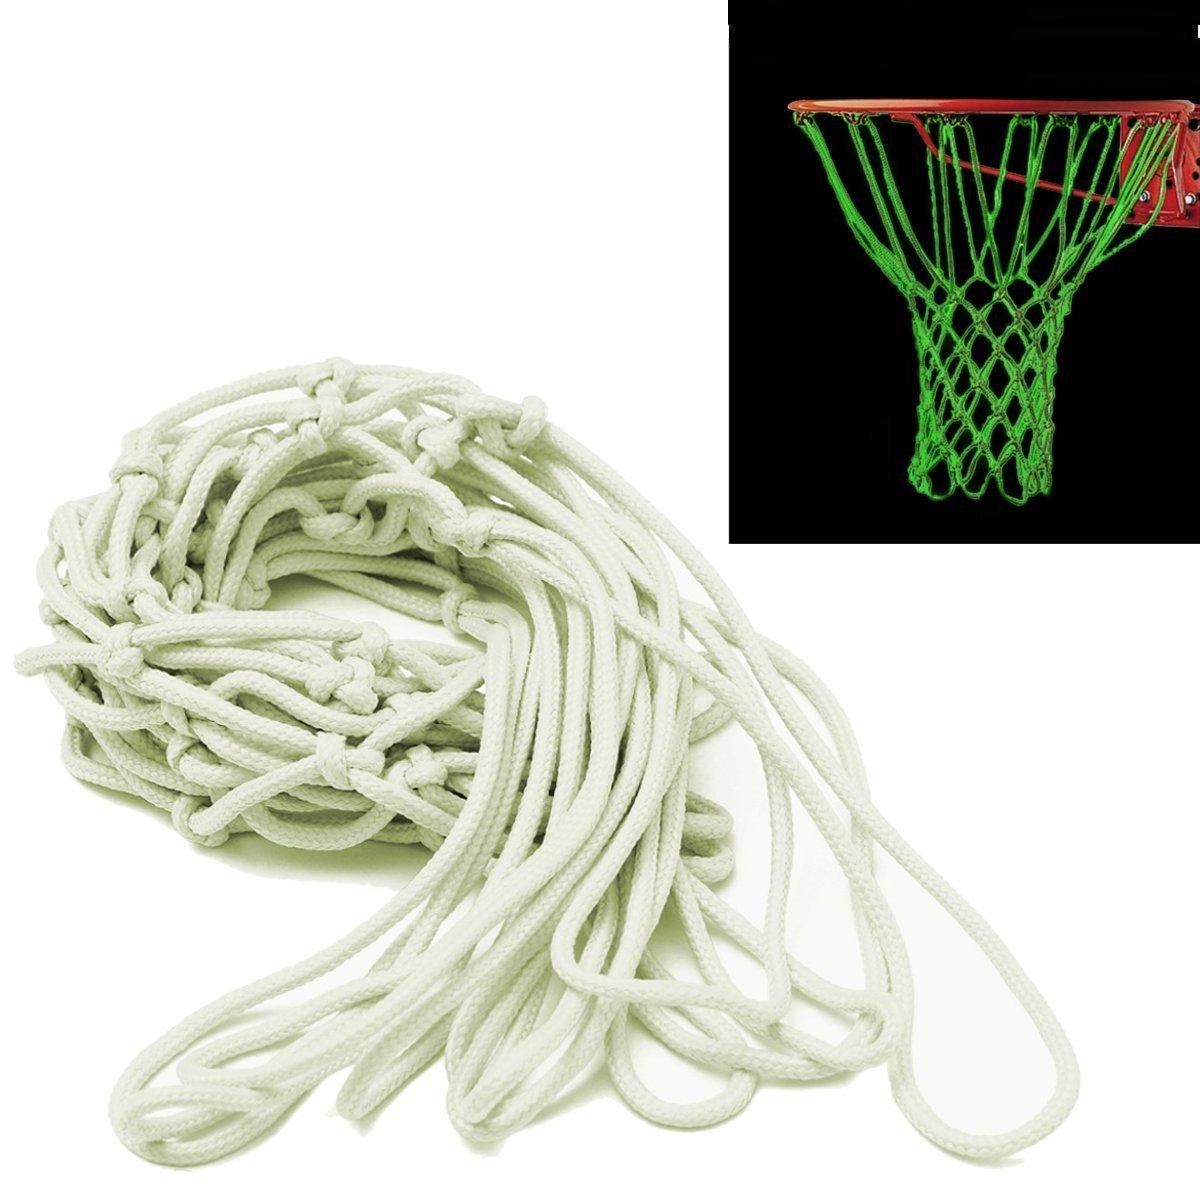 Rete da basket,CAMTOA Bagliore nel Buio Rete per canestro da basket,Outdoor Nylon Basketball Net,Portatile Solare Alimentato Sostituzione Netto Sport Neti da Basket per Canestro da basket Formazione, Perfetto per Adulti e Bambini